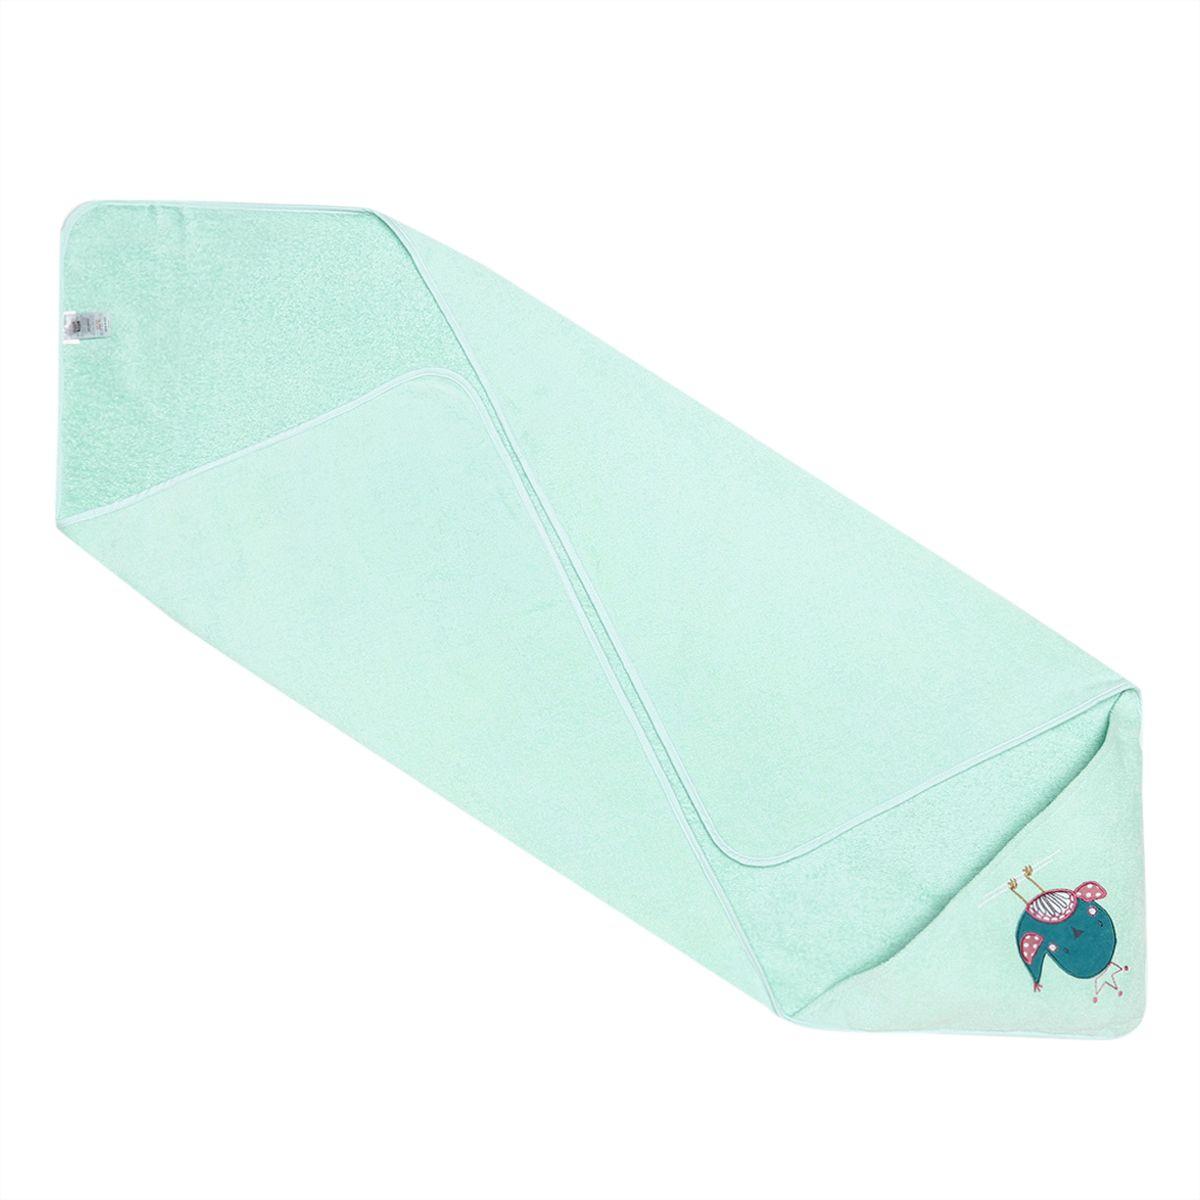 Miniklub Unisex Solid Green Towel